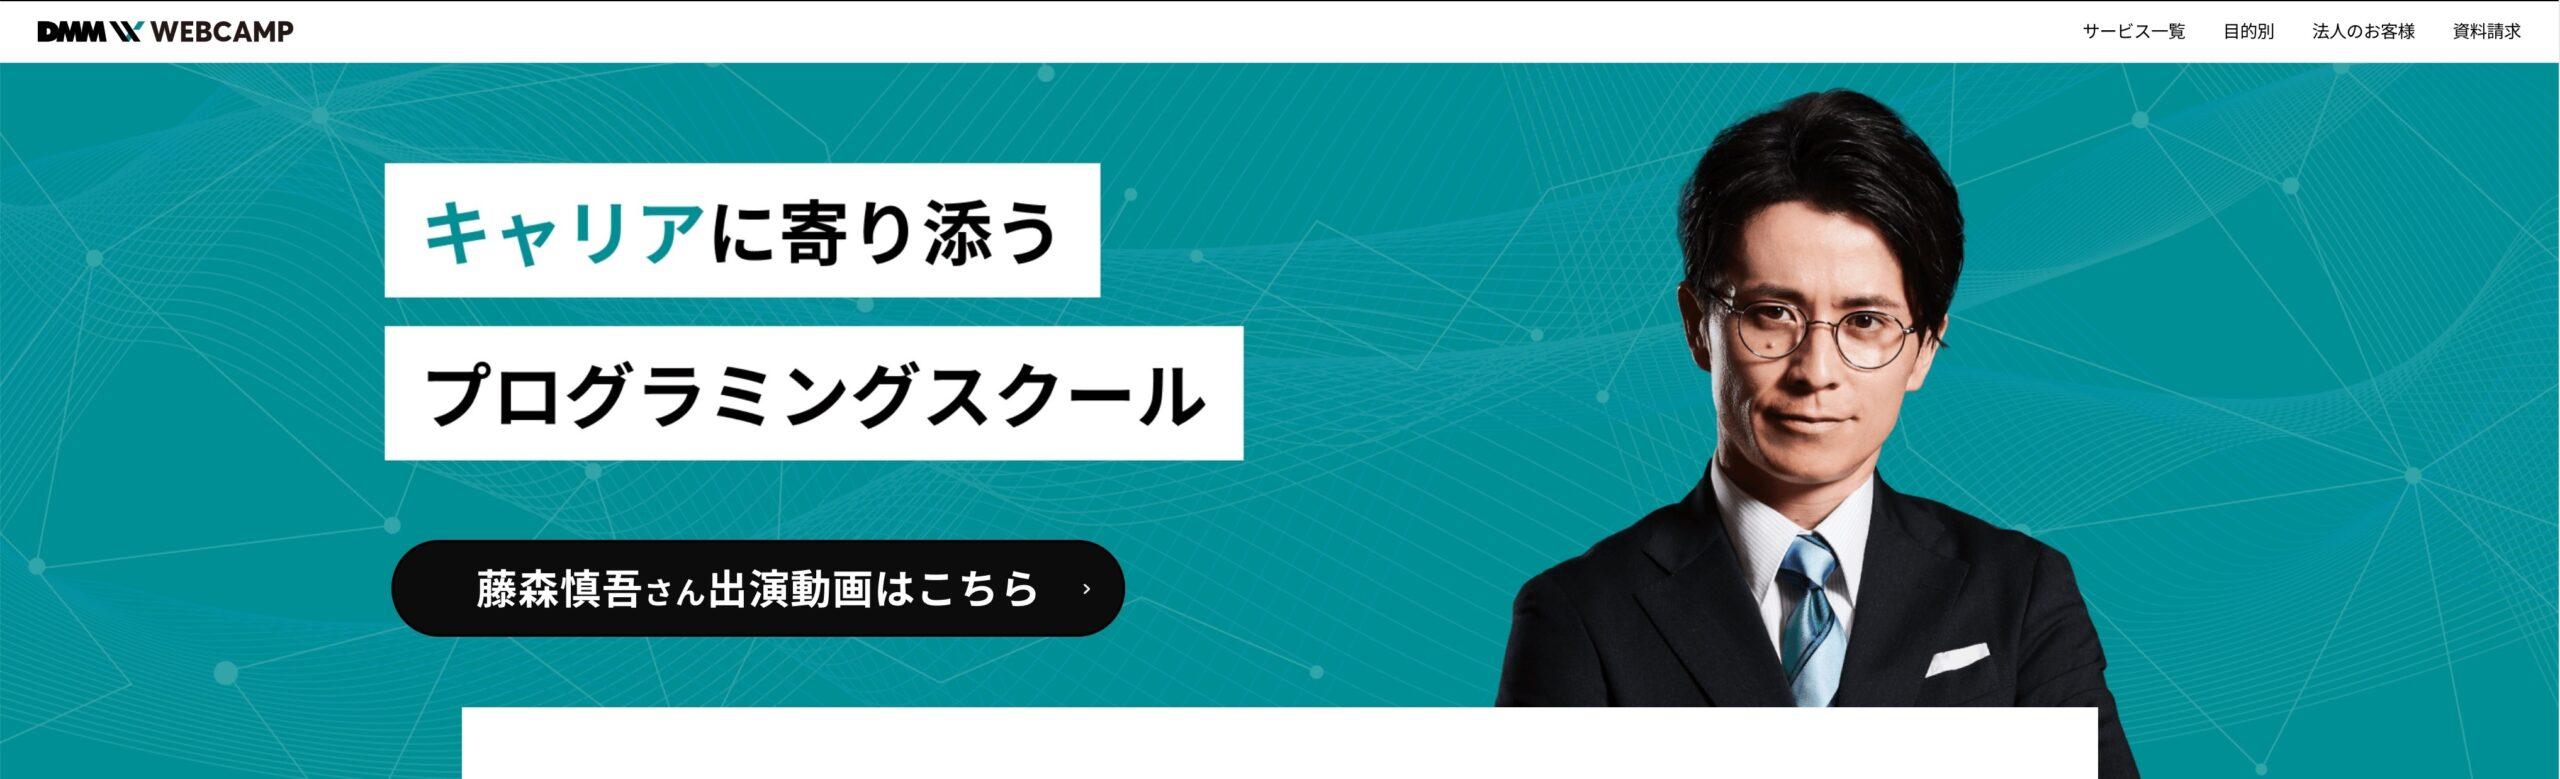 DMM WEBCAMP公式サイト